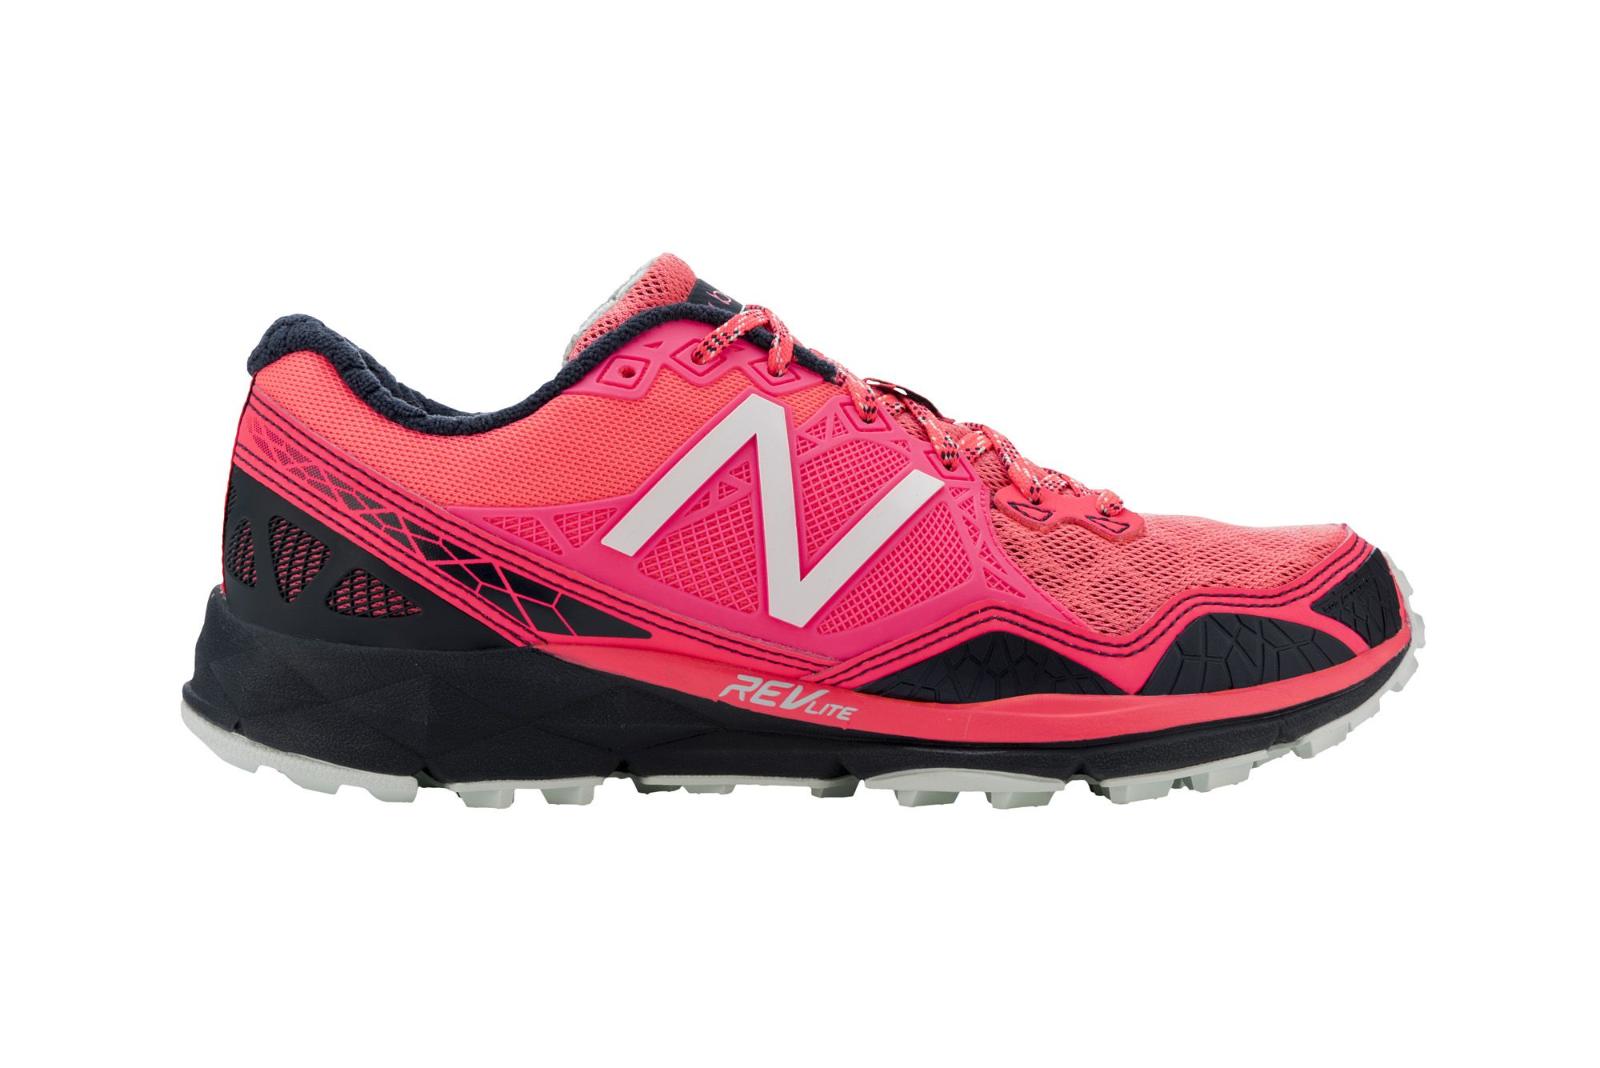 Para mujeres nuevo nuevo mujeres equilibrio rendimiento T910V3 Zapato Rosa ngzq 9-M9 2e22a7